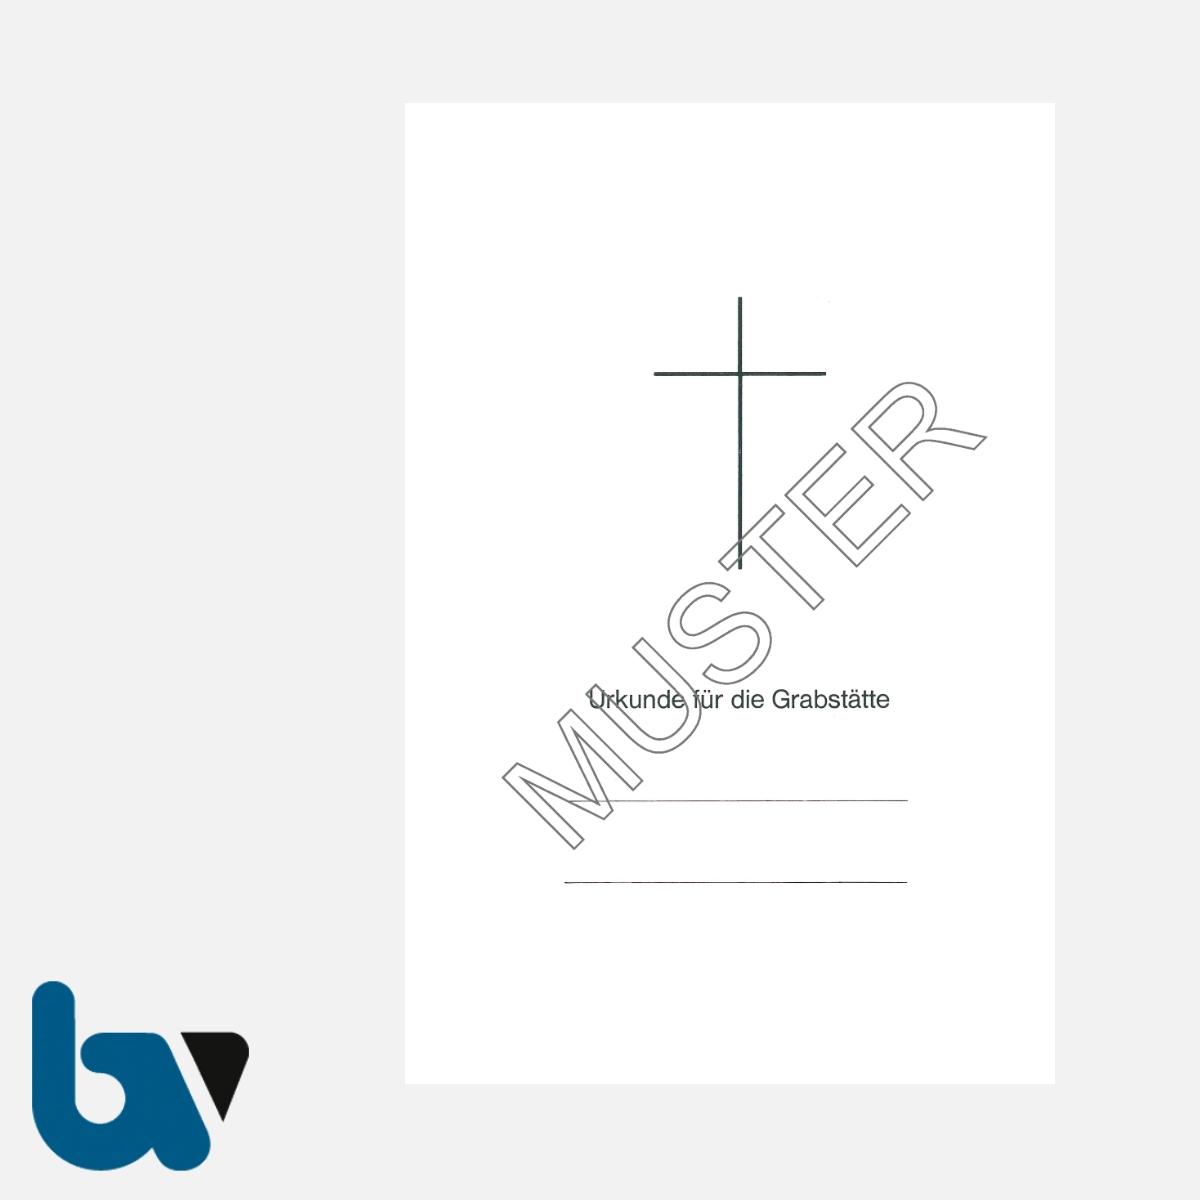 0/168-4 Grabstätten Urkunden Bücher mit Kreuz Einlage PVC Hülle Klemmschiene DIN A5 Seite 1 | Borgard Verlag GmbH